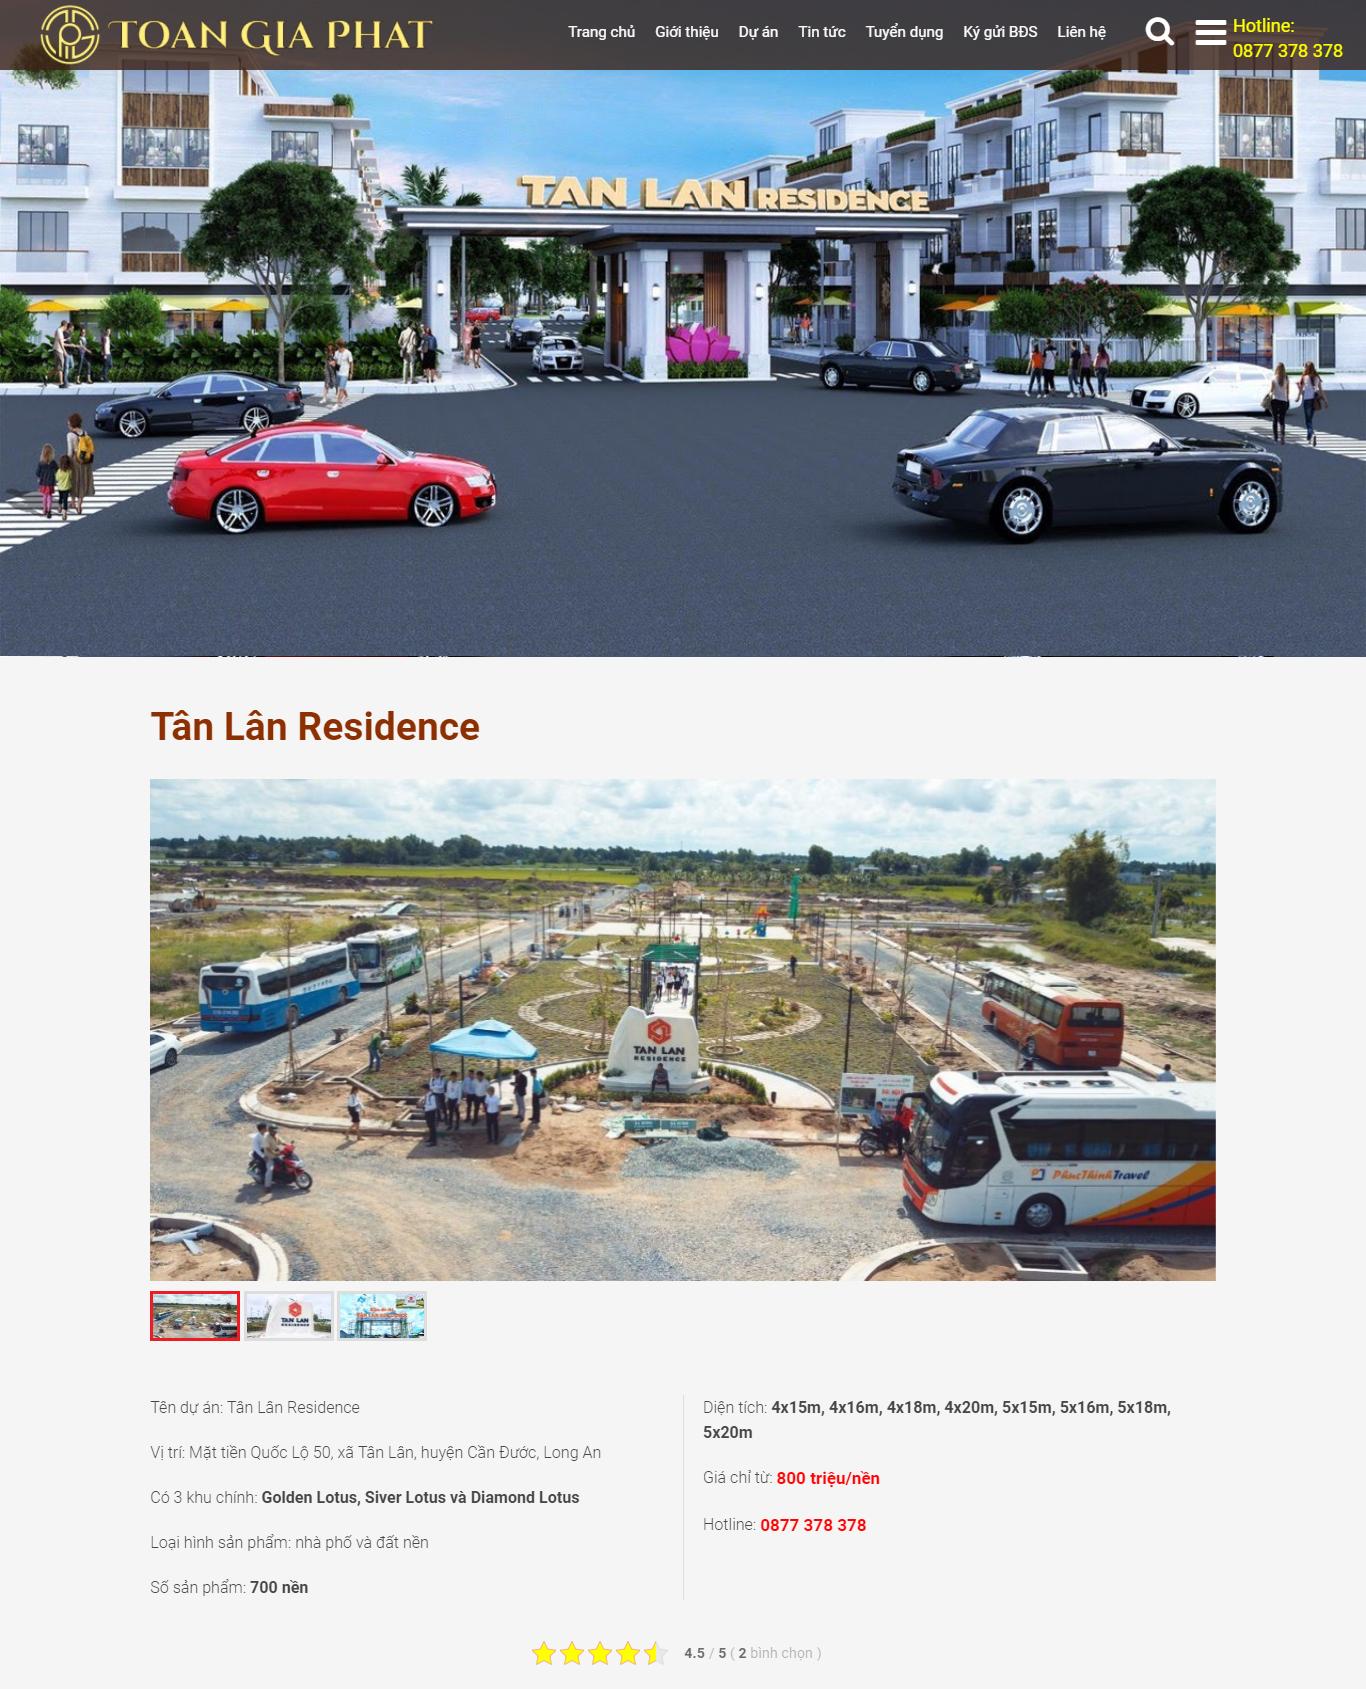 Chi tiết dự án website công ty bất động sản bdstoangiaphat.com